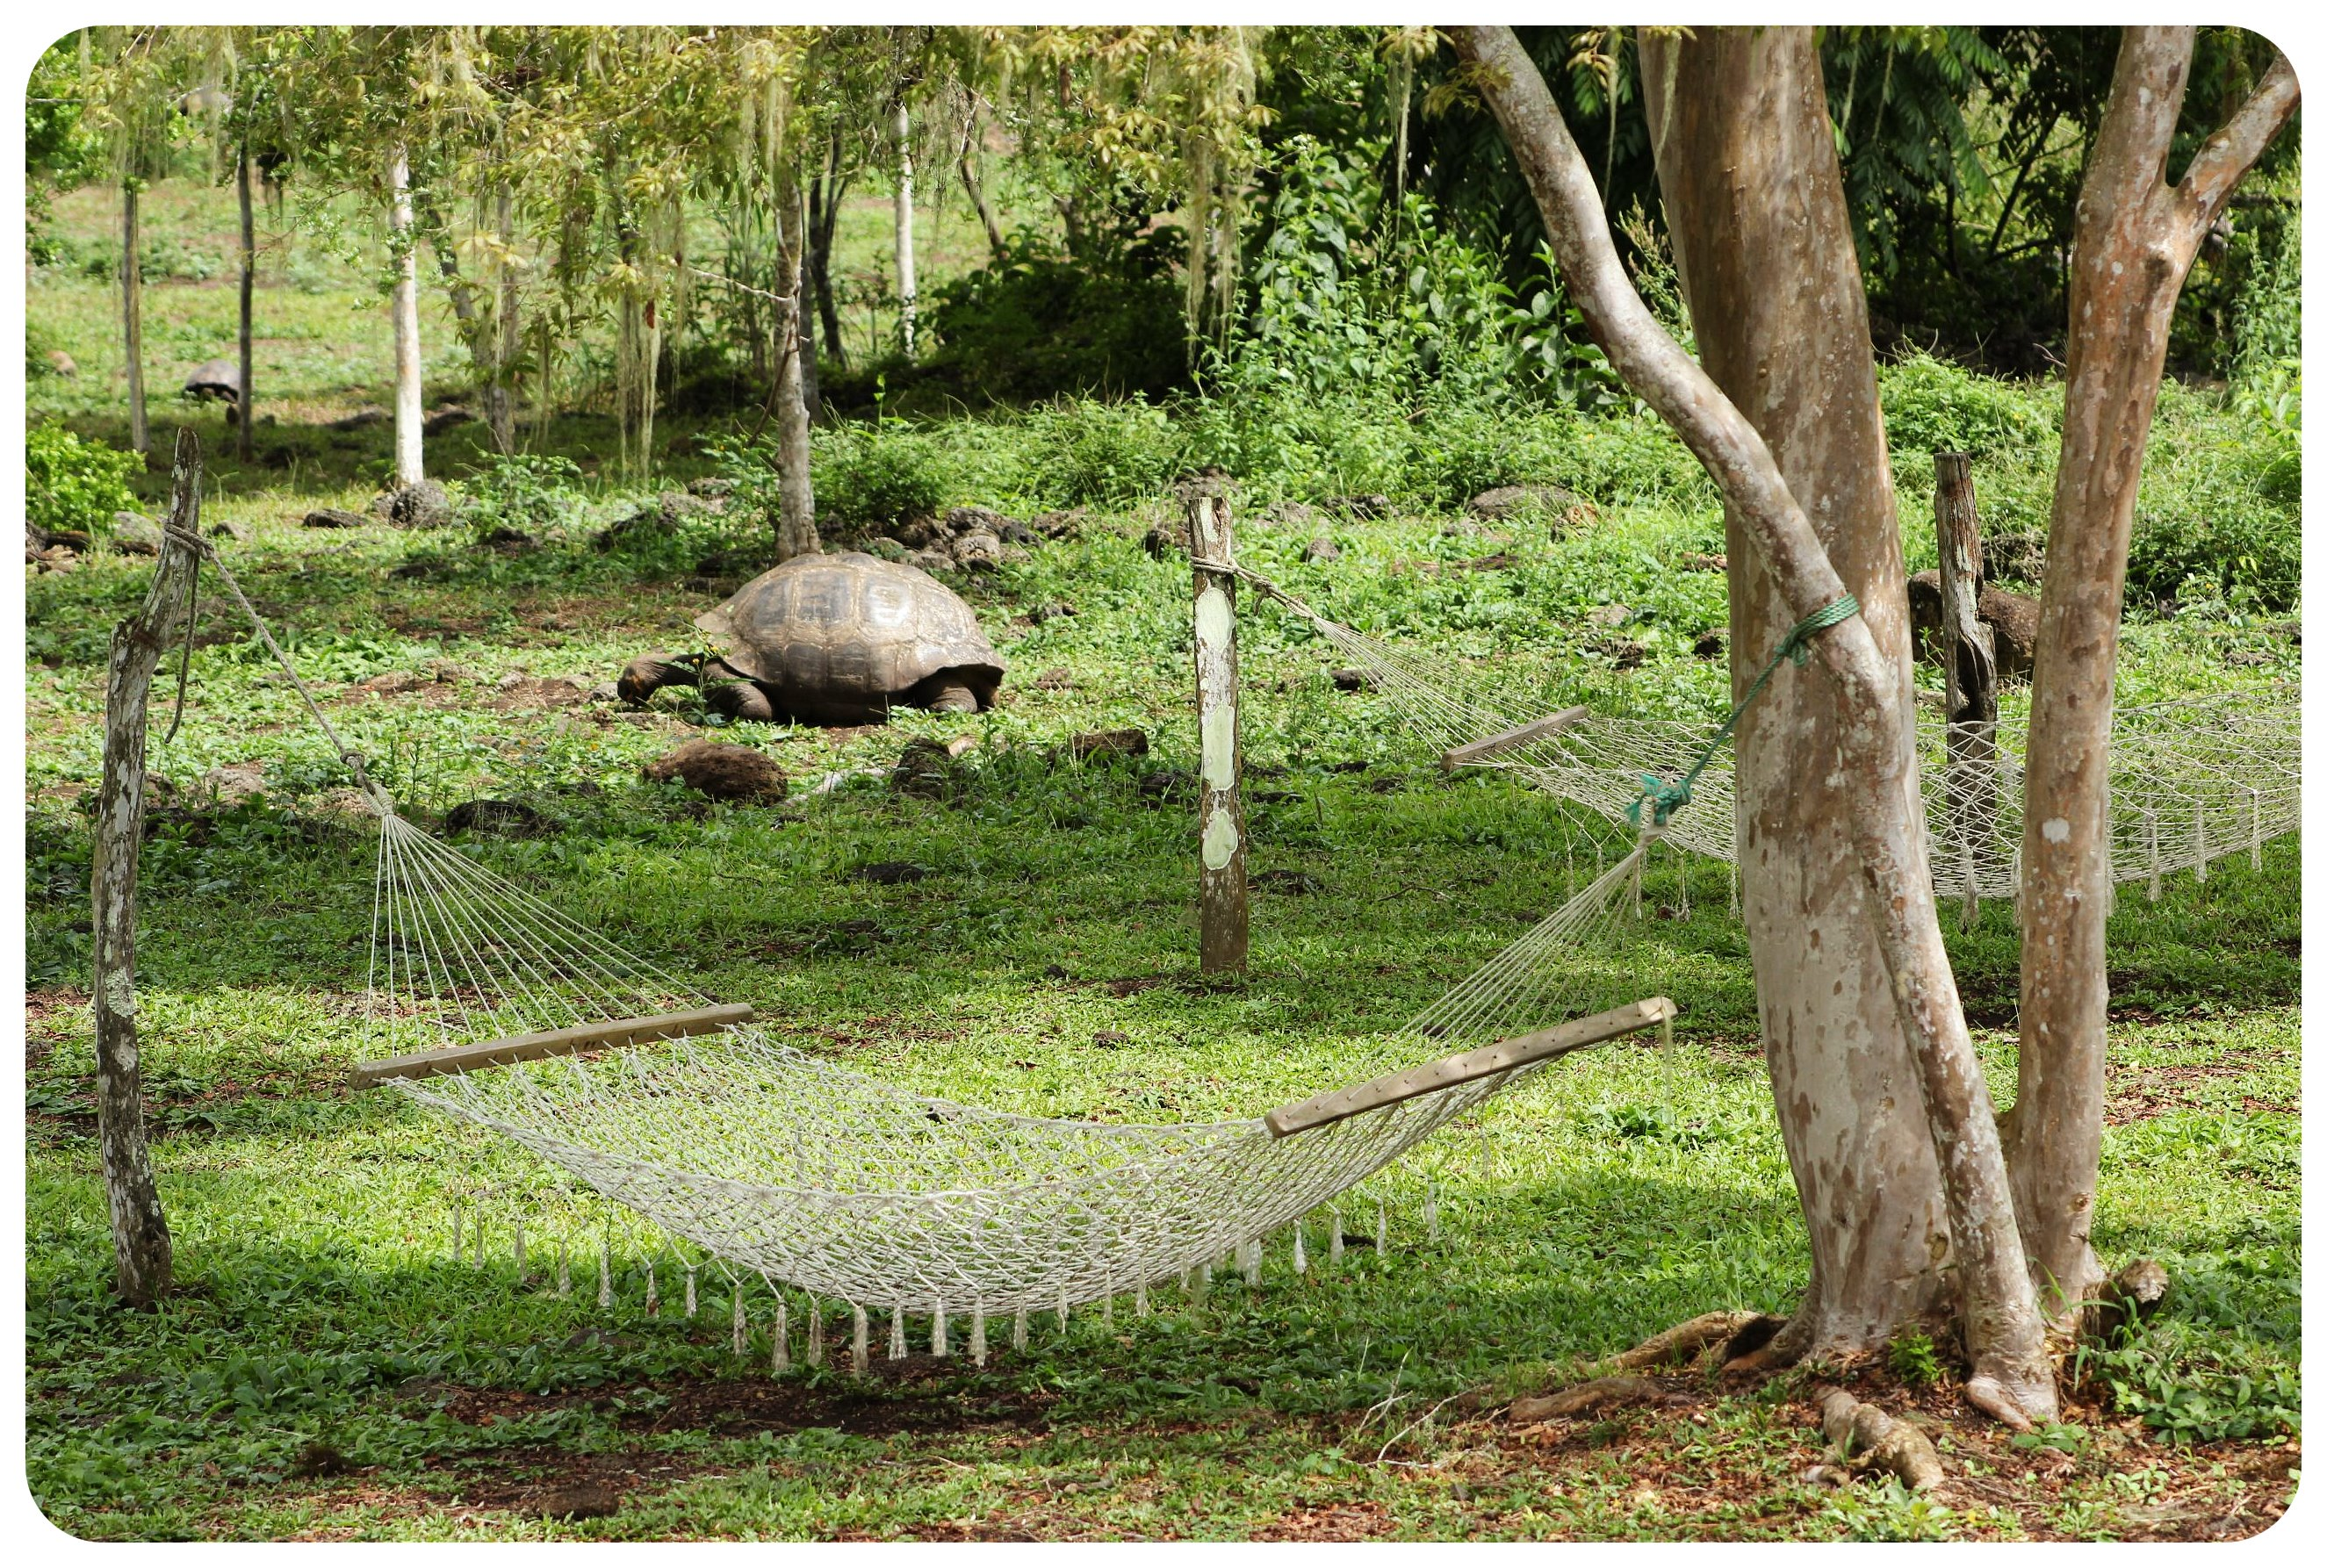 galapagos island hammock tortoise